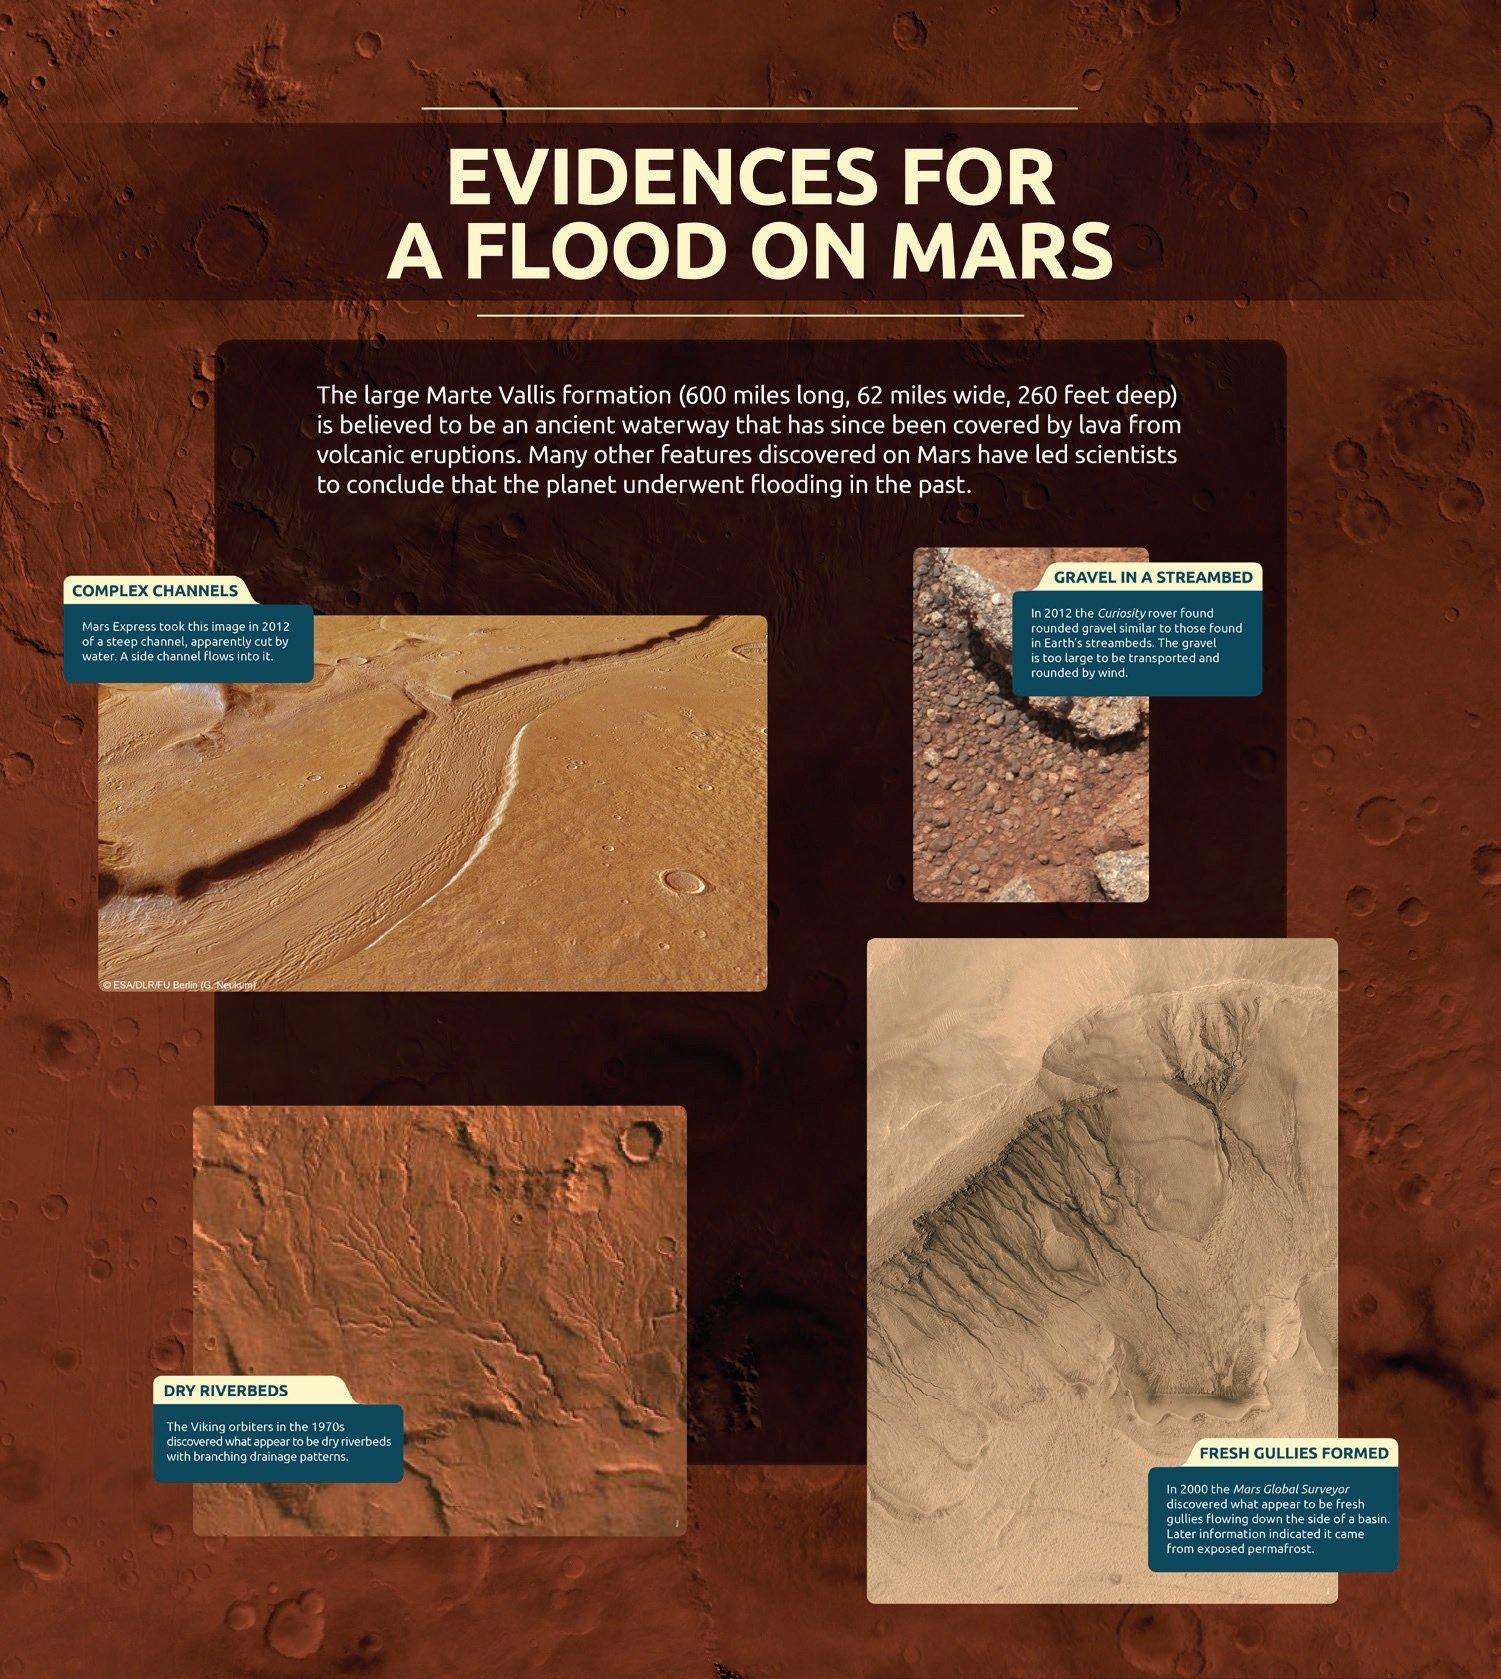 Evidences for Flood on Mars